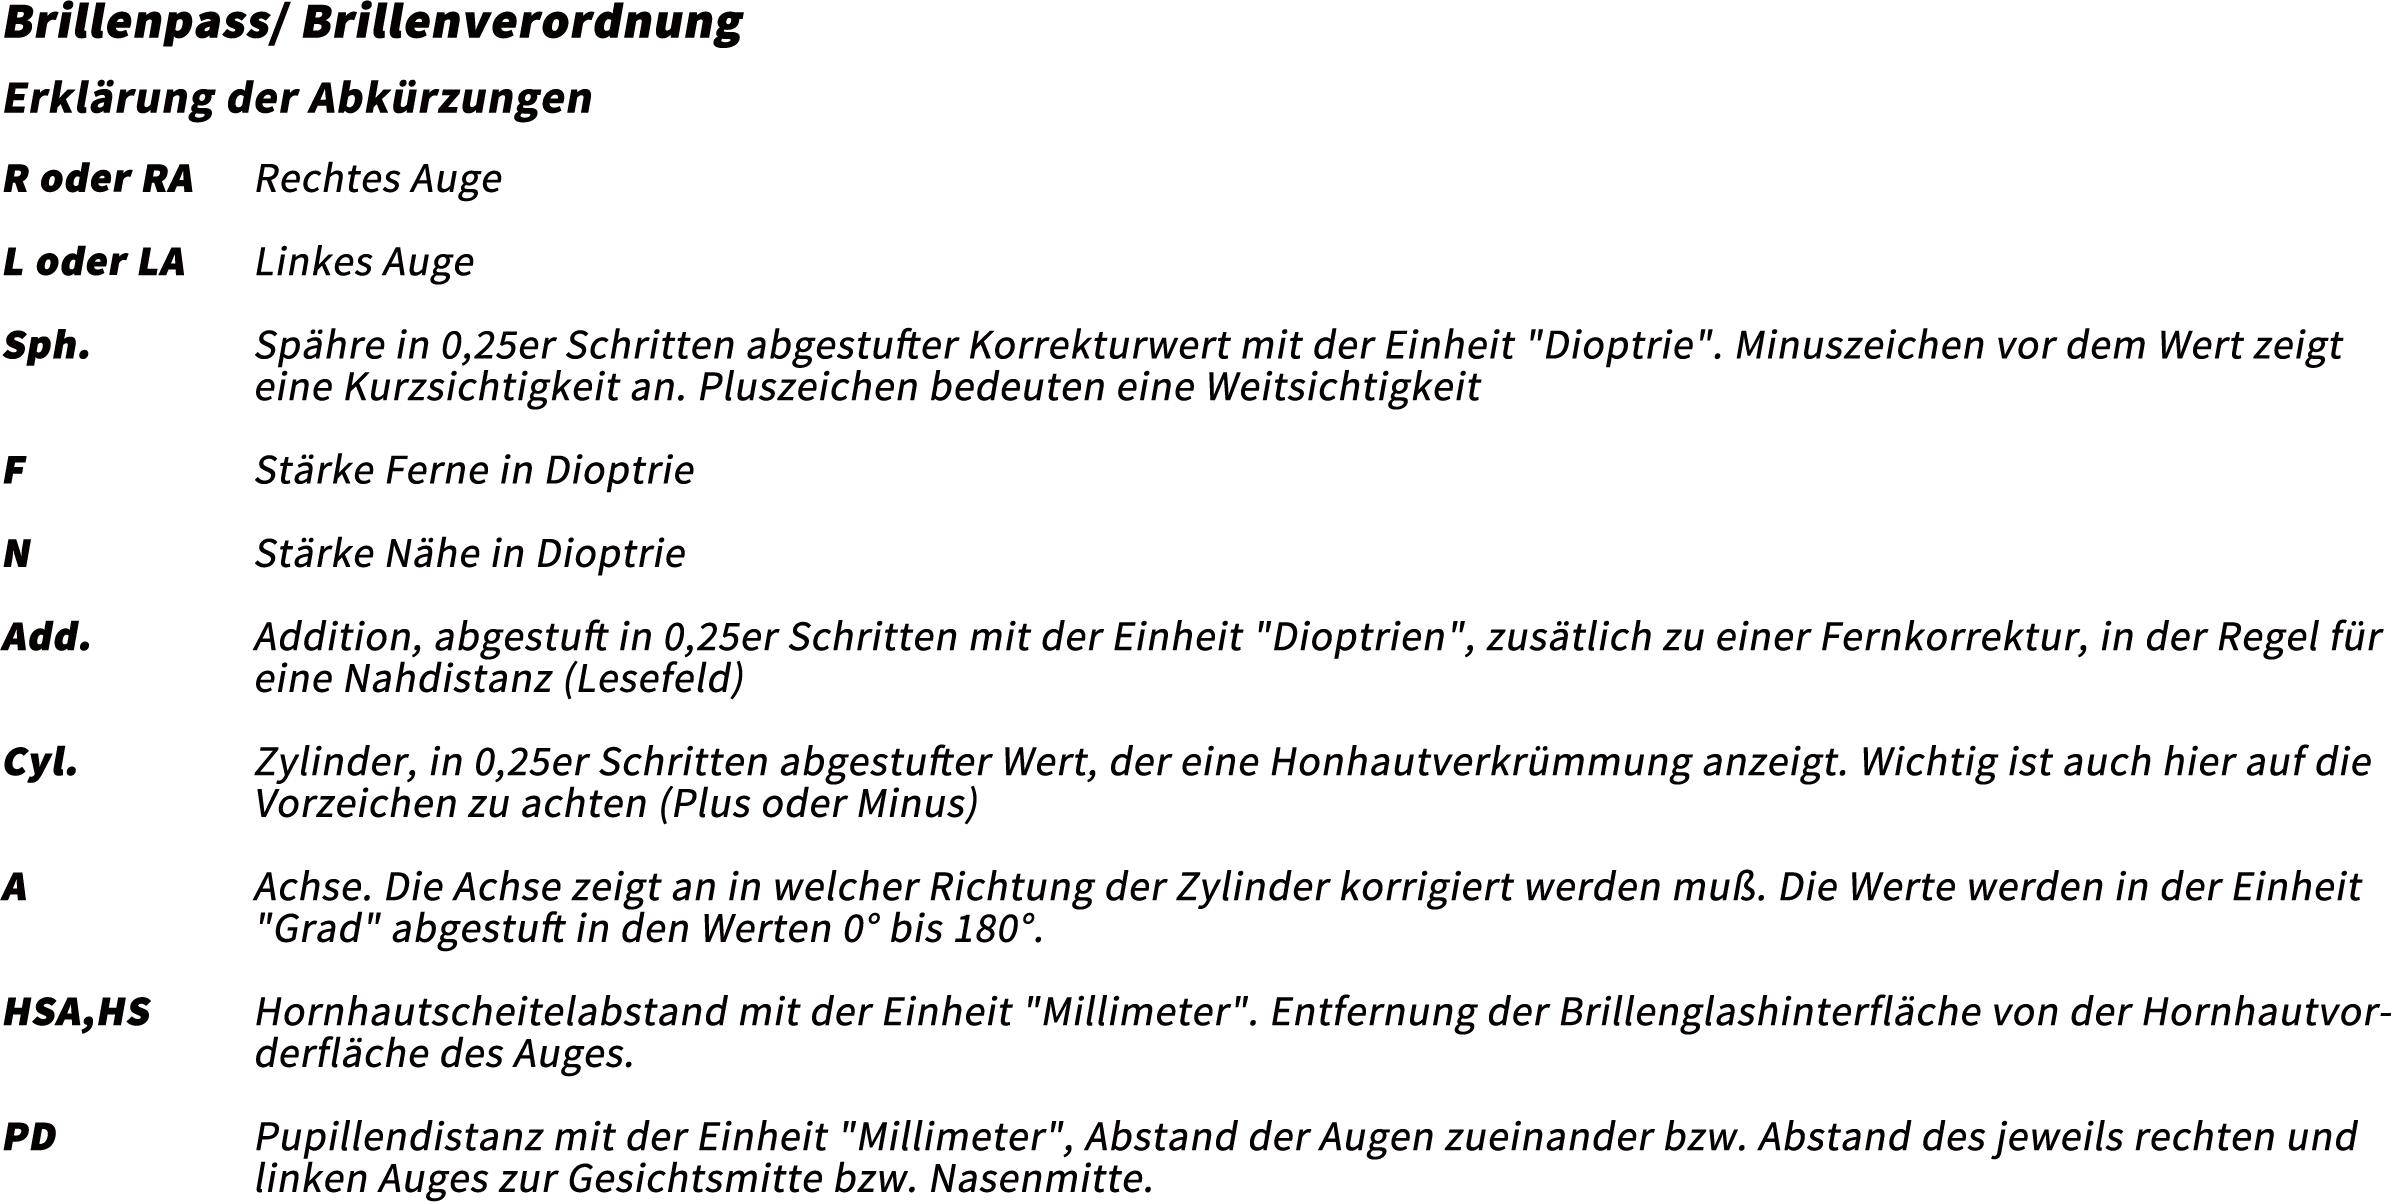 Brillenpass Infotext